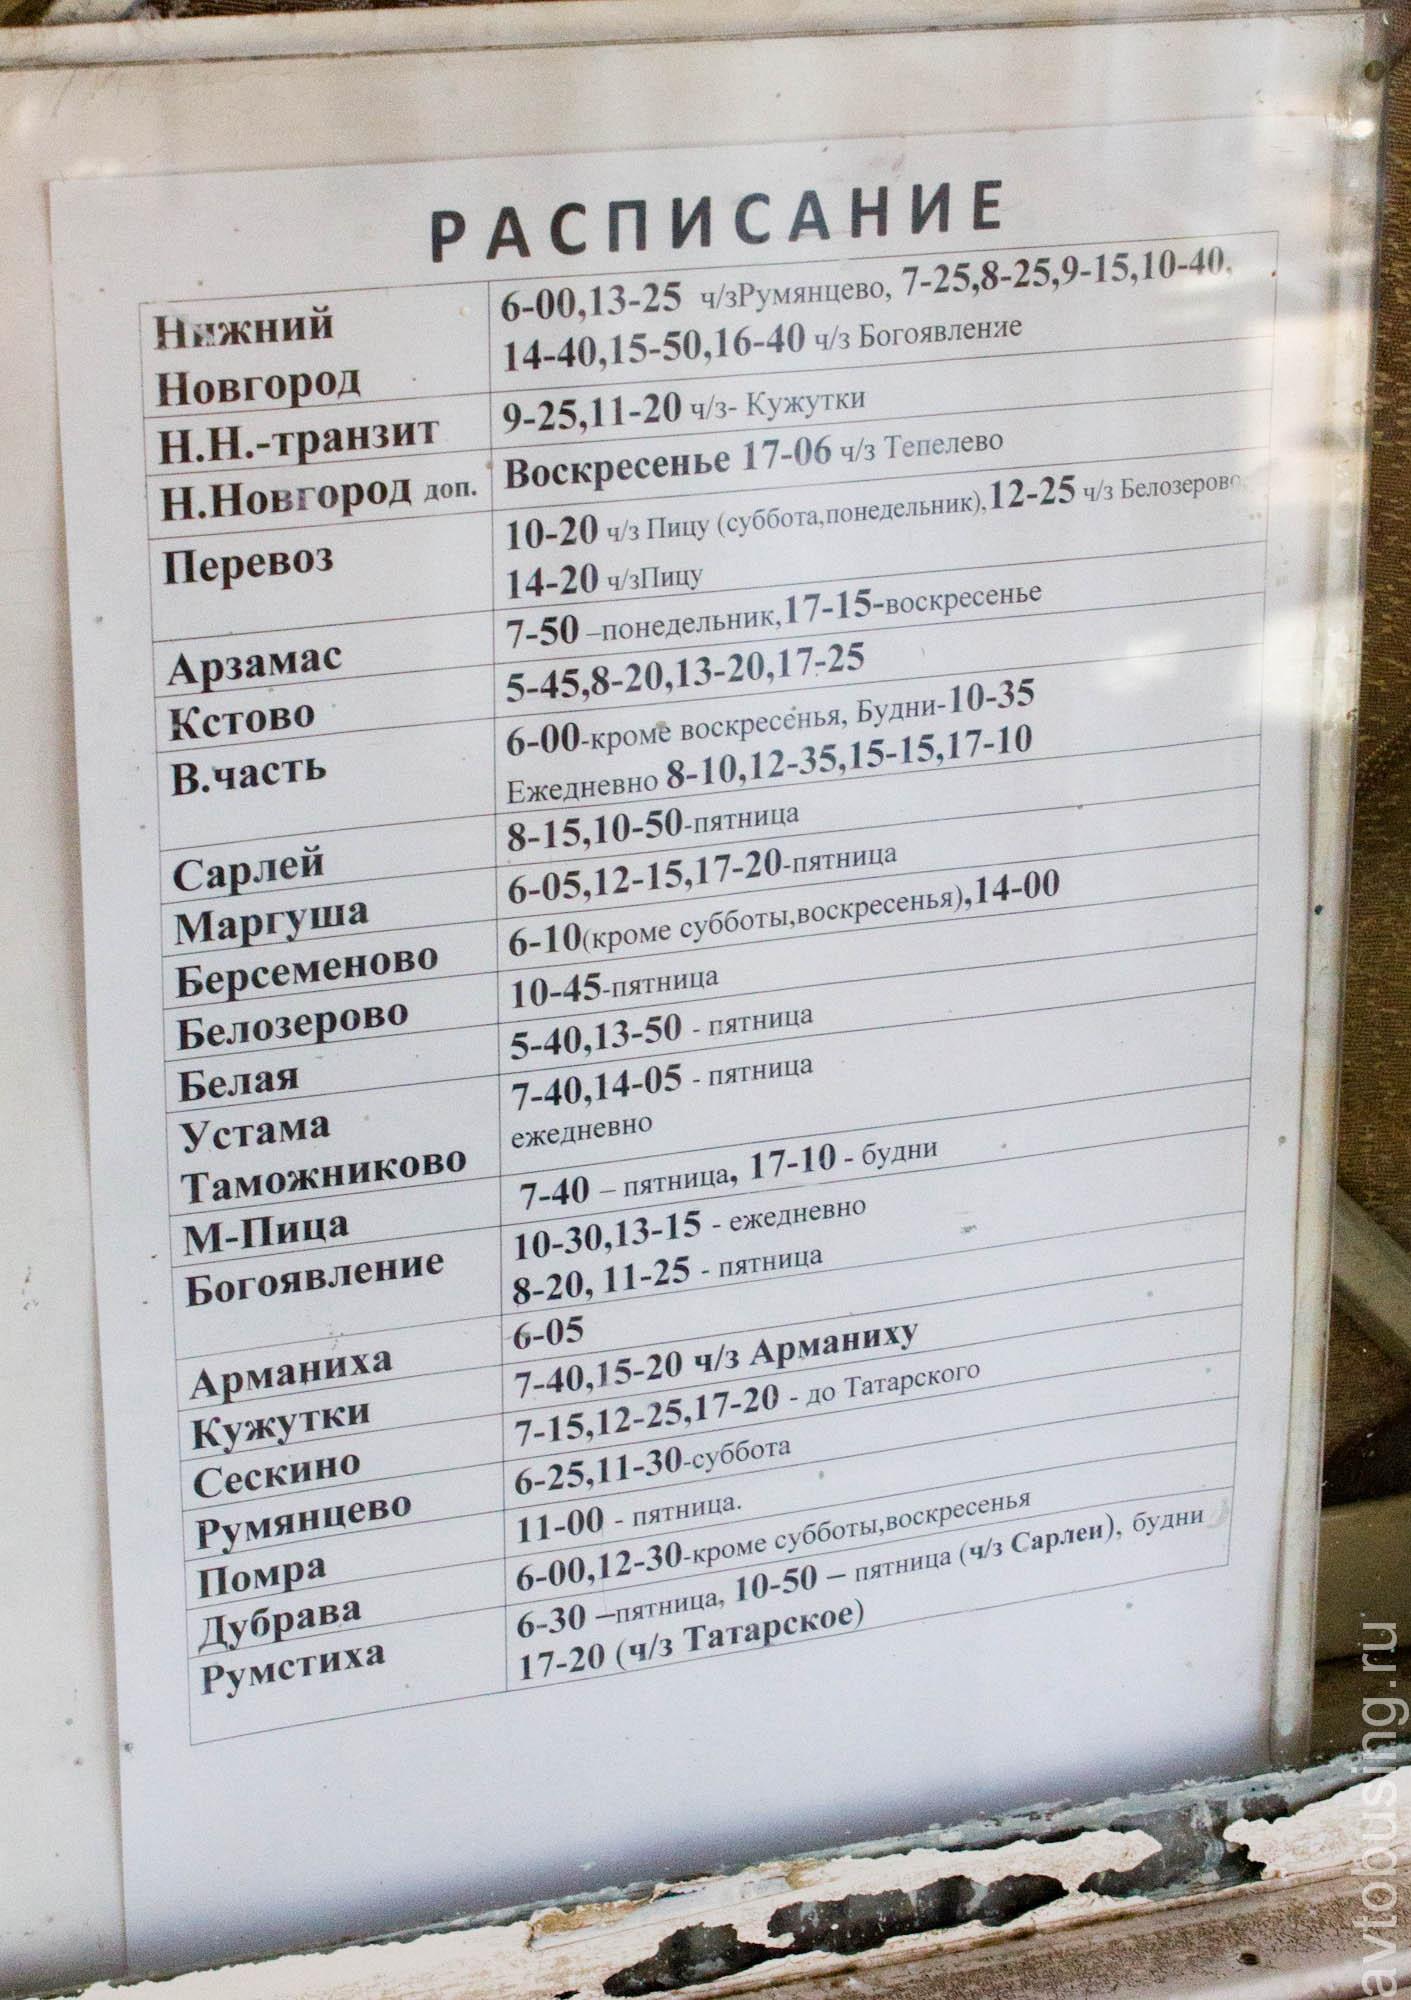 узнать, расписание автобусов нижний новгород павлово автостанция щербинки 2017 Рен ТВ, если